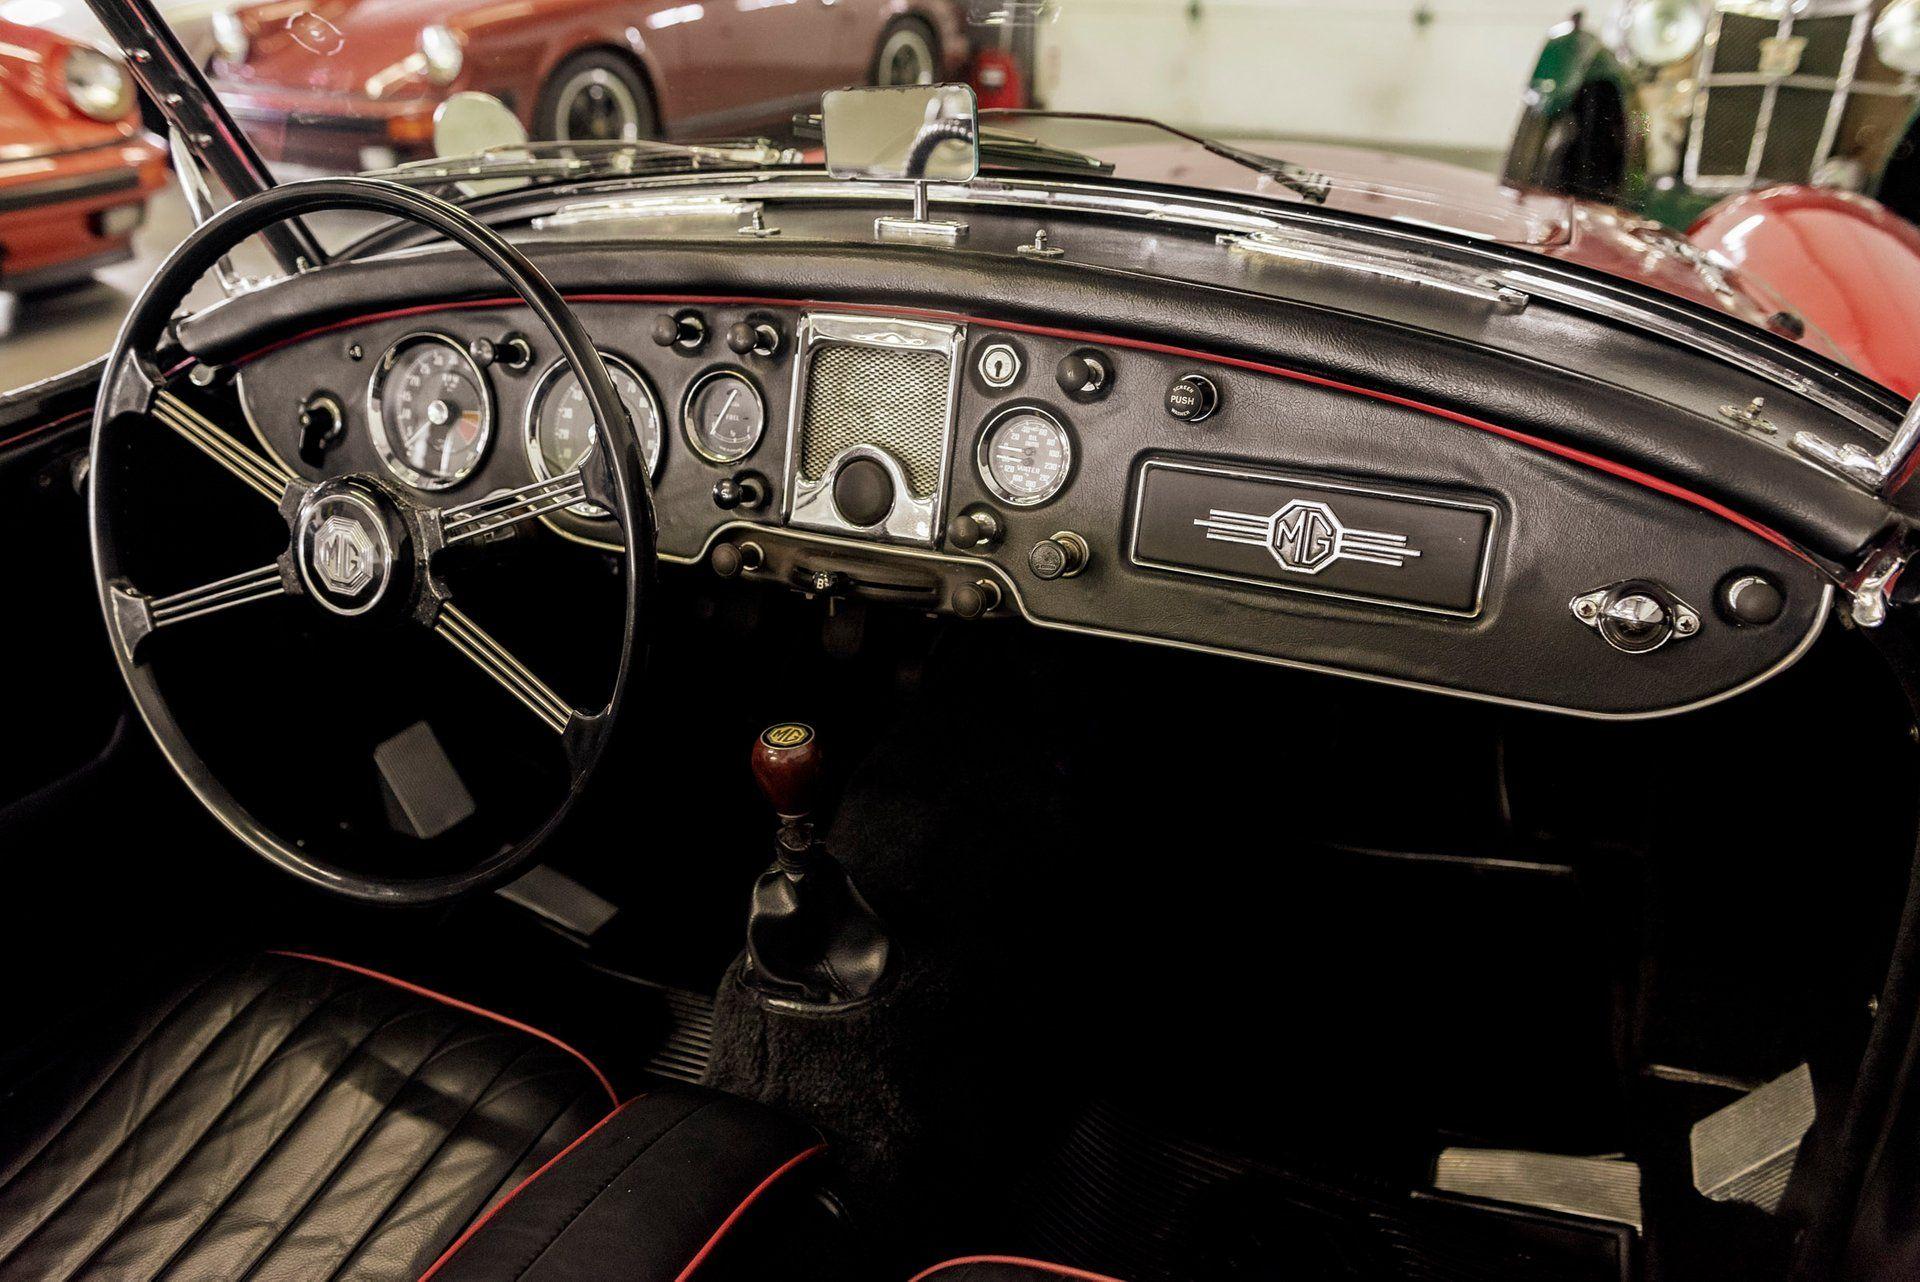 Buy This Rare 1962 MG MGA Mk II Roadster